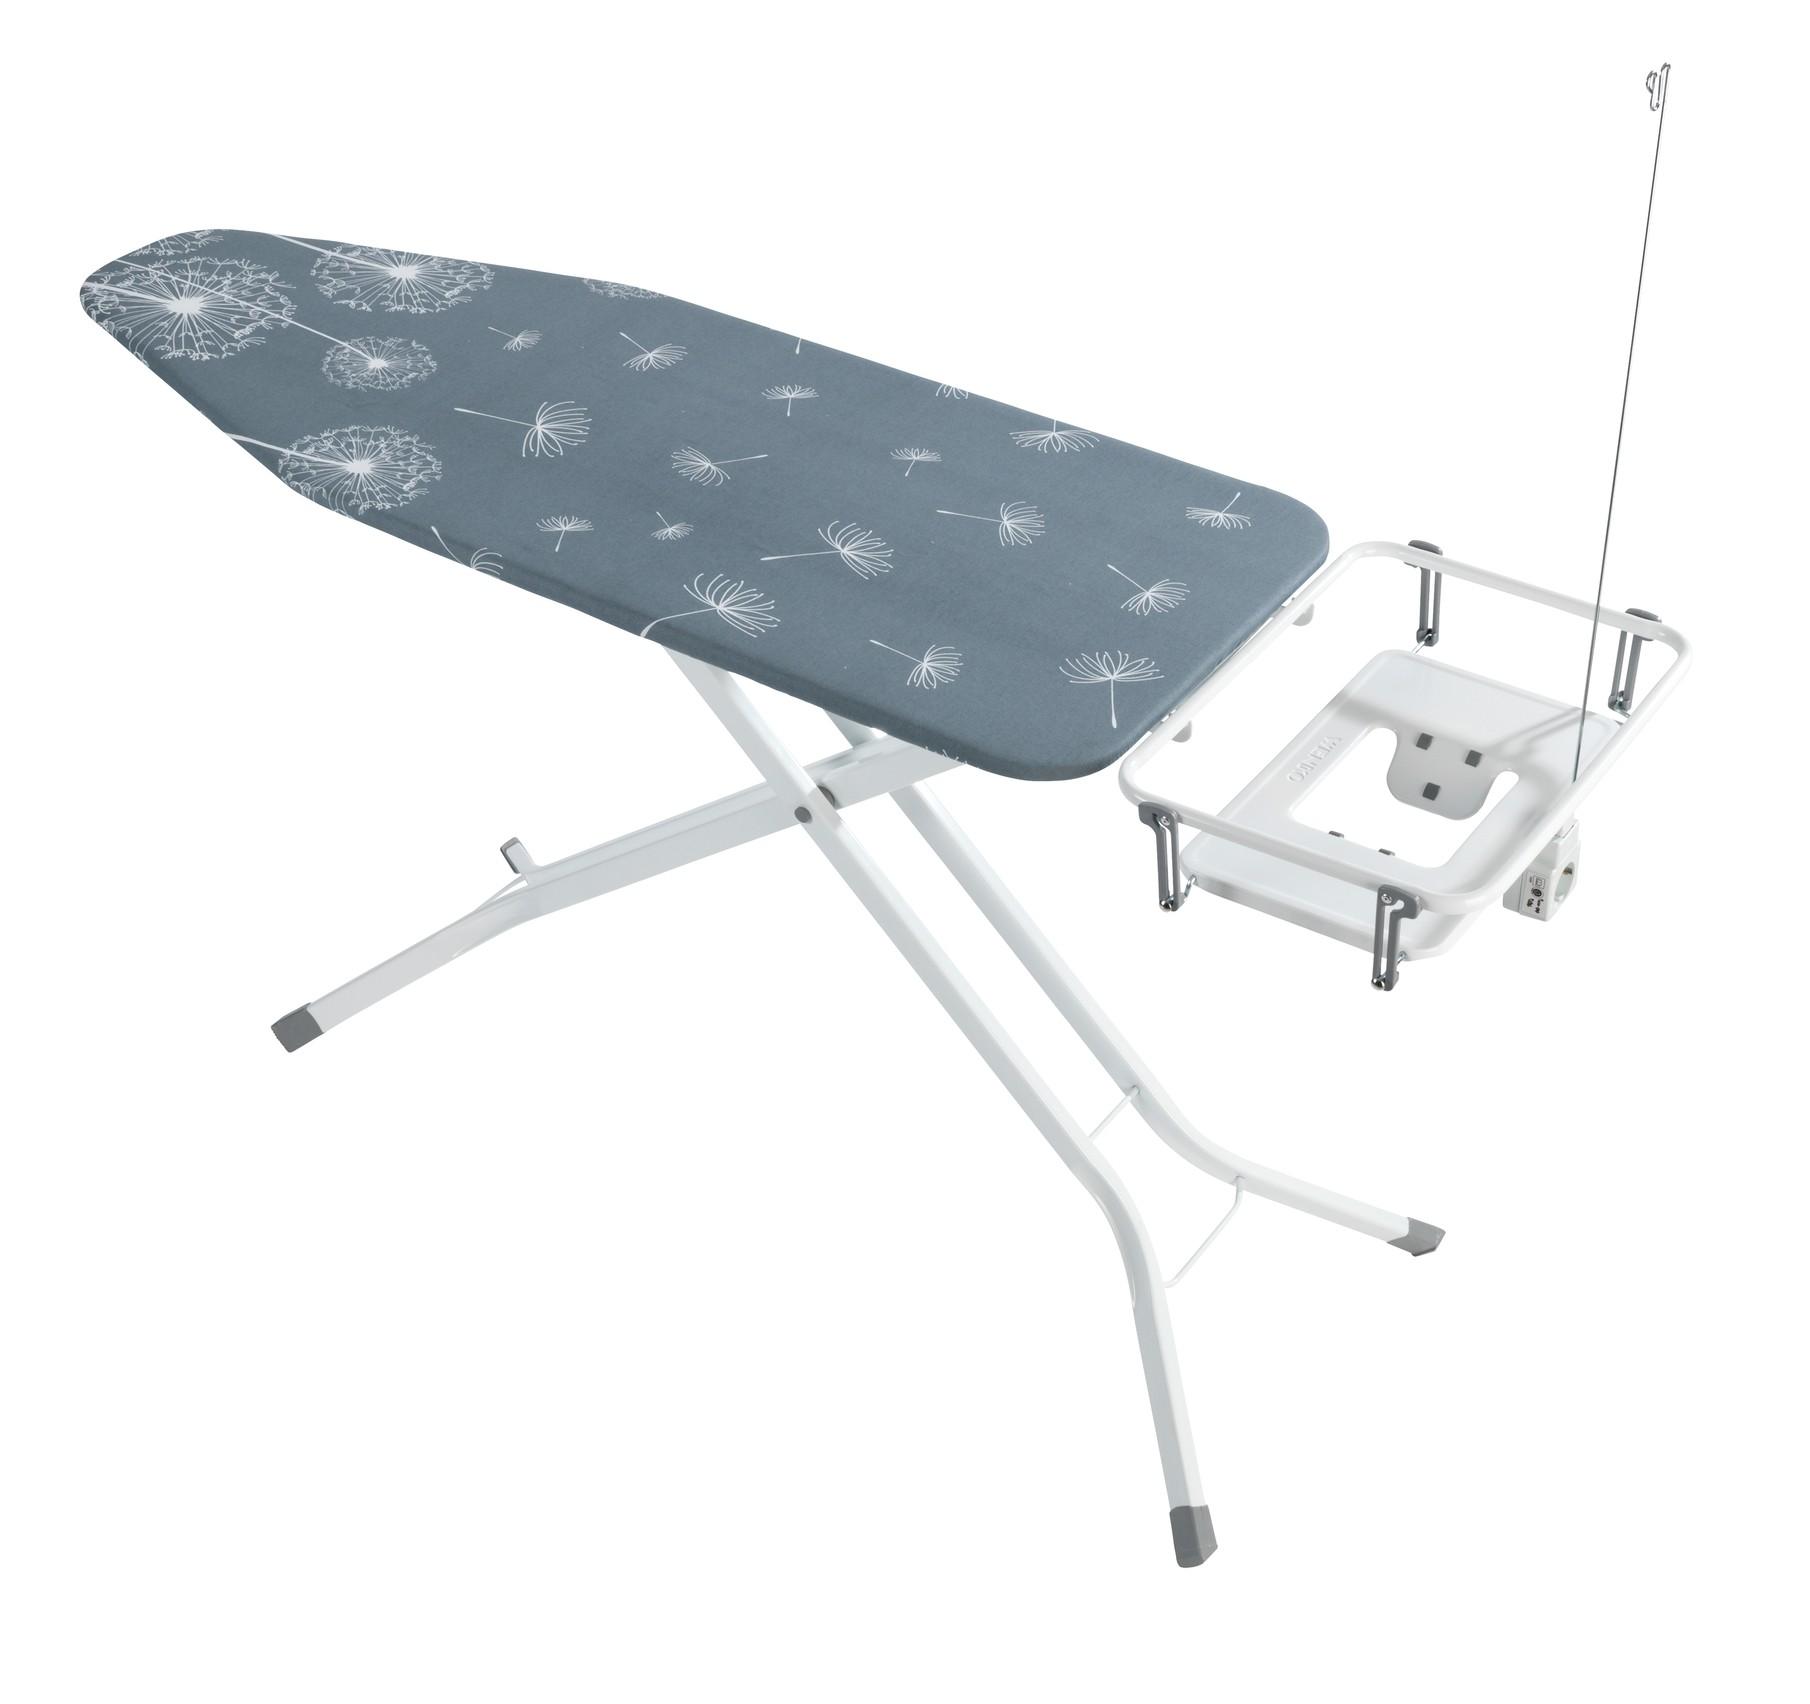 Wenko Bügeltisch Professional, extra breit, geeignet für Dampfbügelstationen